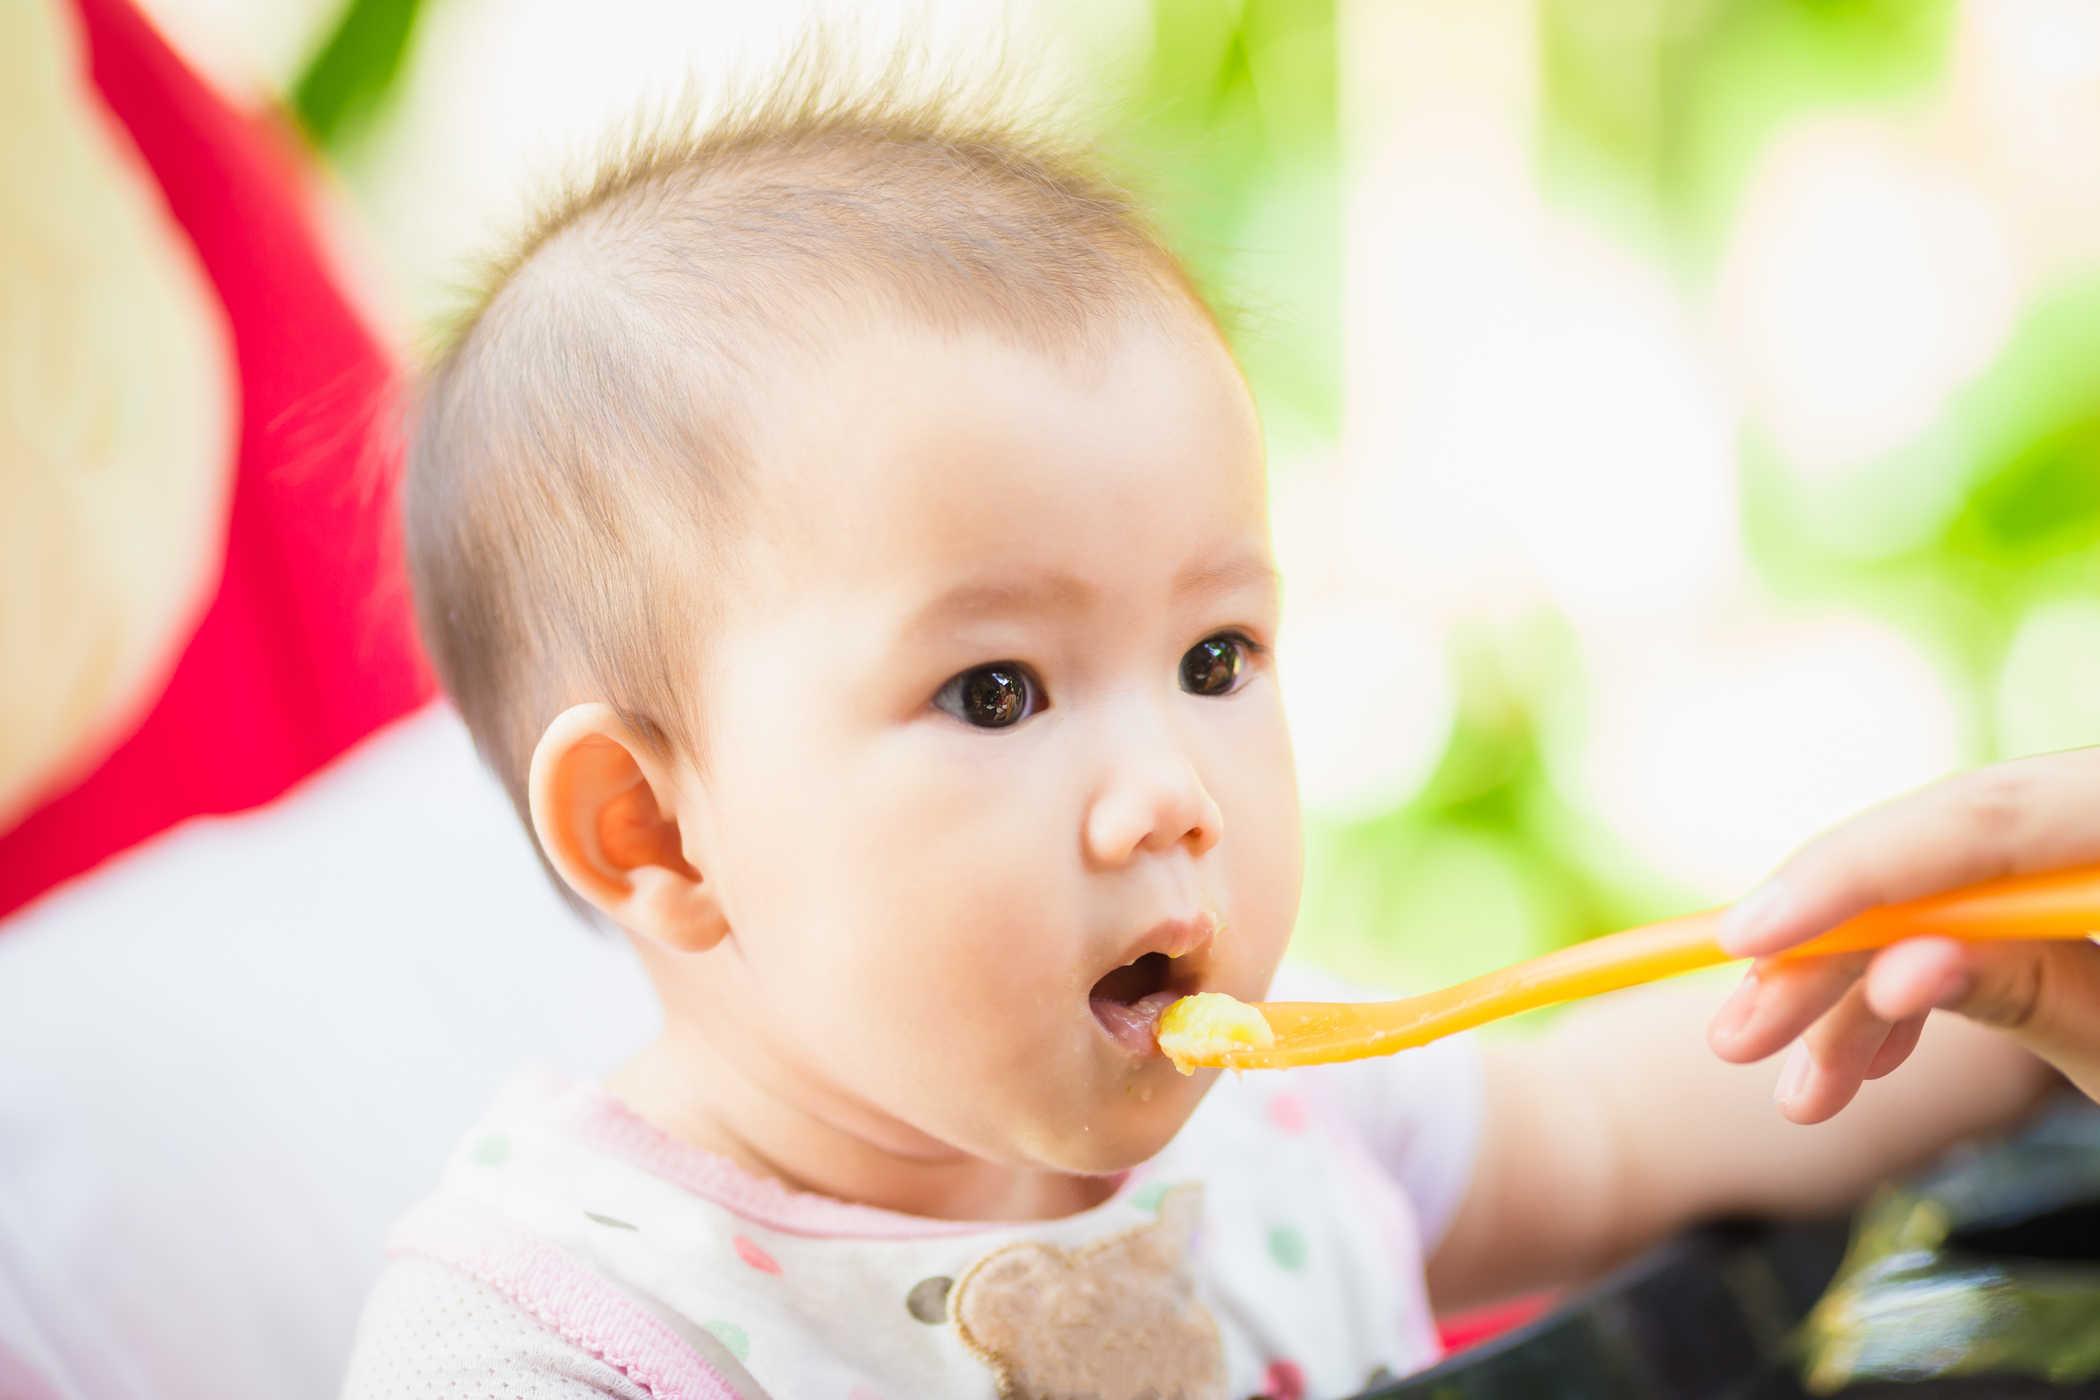 3 dấu hiệu của trẻ rất dễ làm các bậc phụ huynh hiểu lầm rằng con mình đã có thể bắt đầu ăn dặm